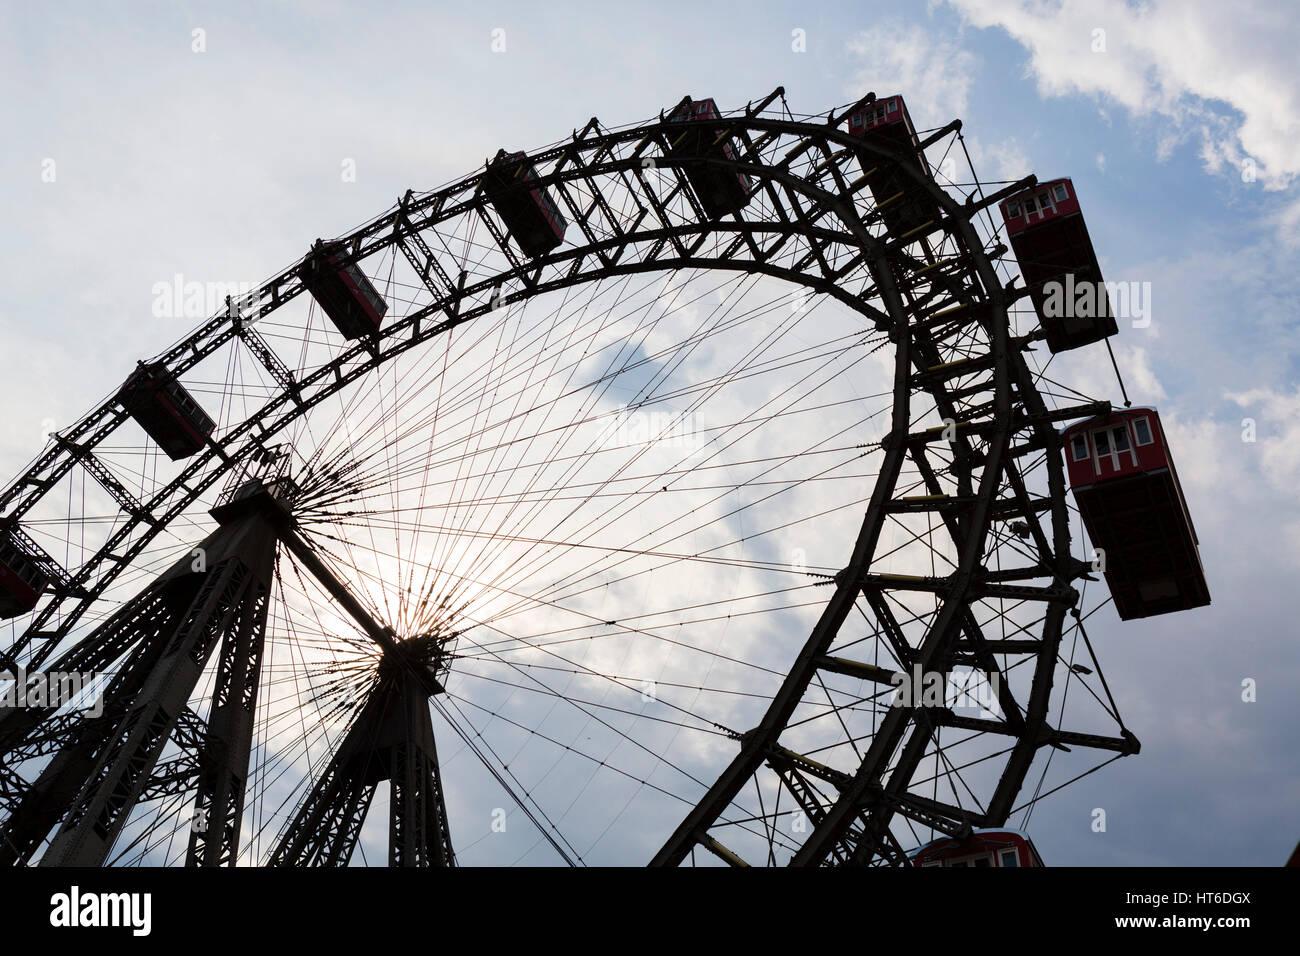 Vienna, Prater. The Wiener Riesenrad (Ferris Wheel) in the Prater amusement park, Vienna, Austria. - Stock Image